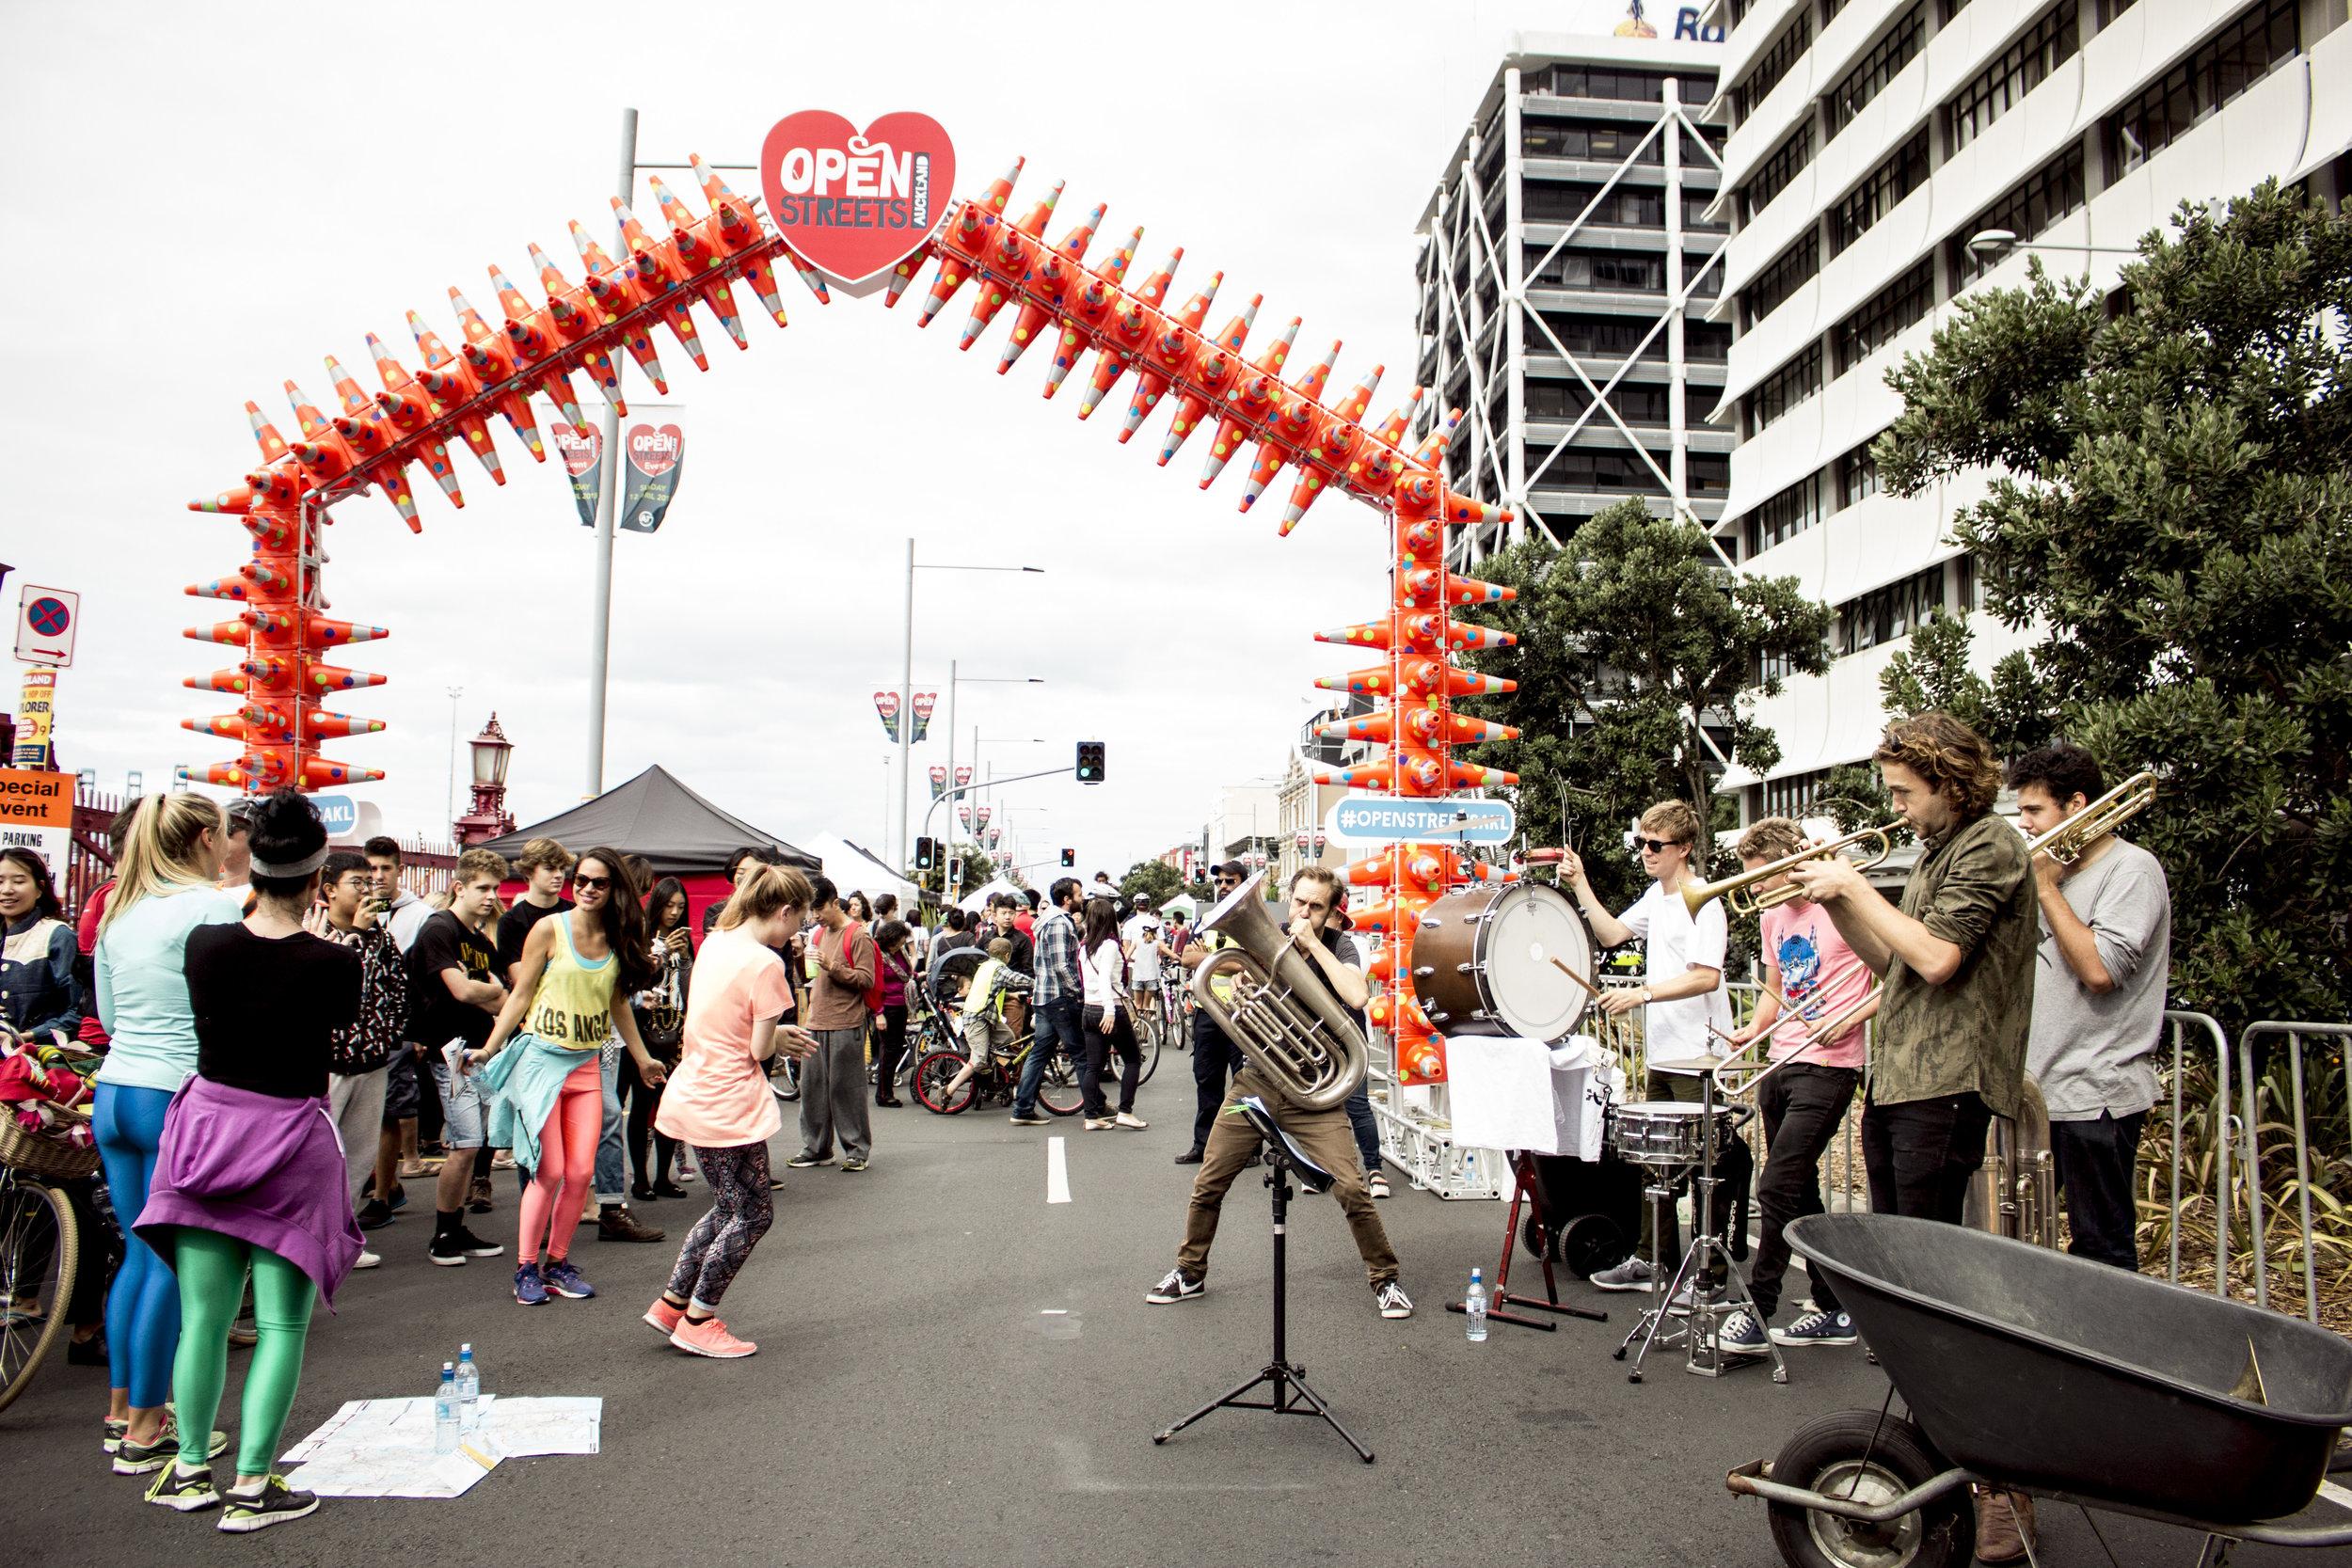 Open+Streets+Auckland+VIII+_41.jpg